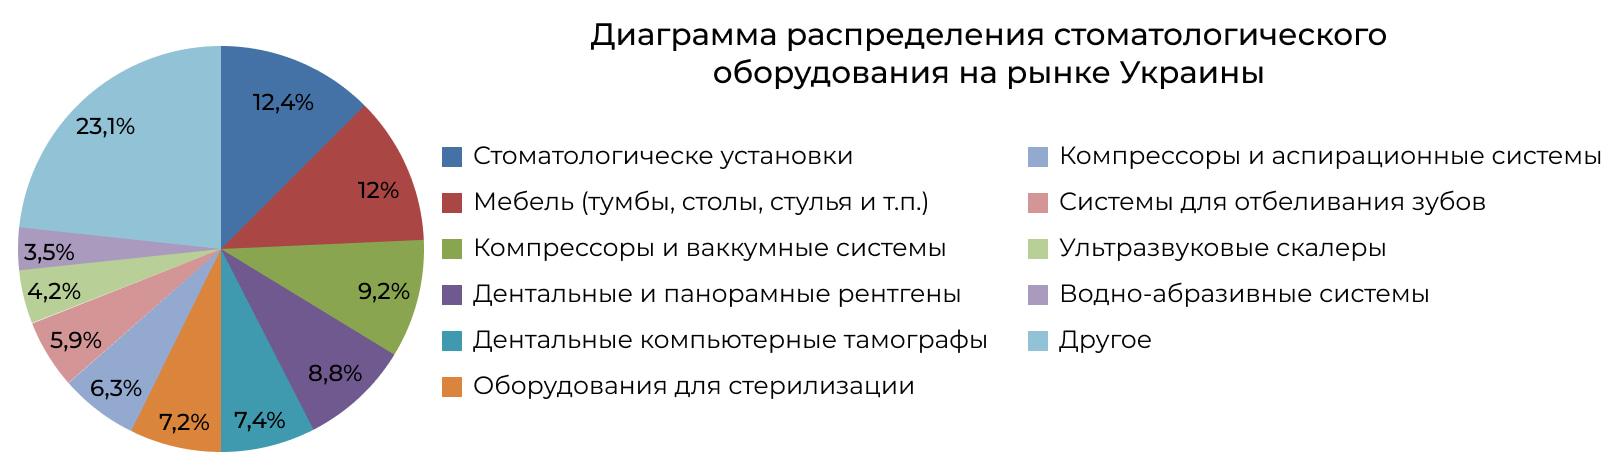 Диаграмма распределения видов оборудования для стоматологии в Украине